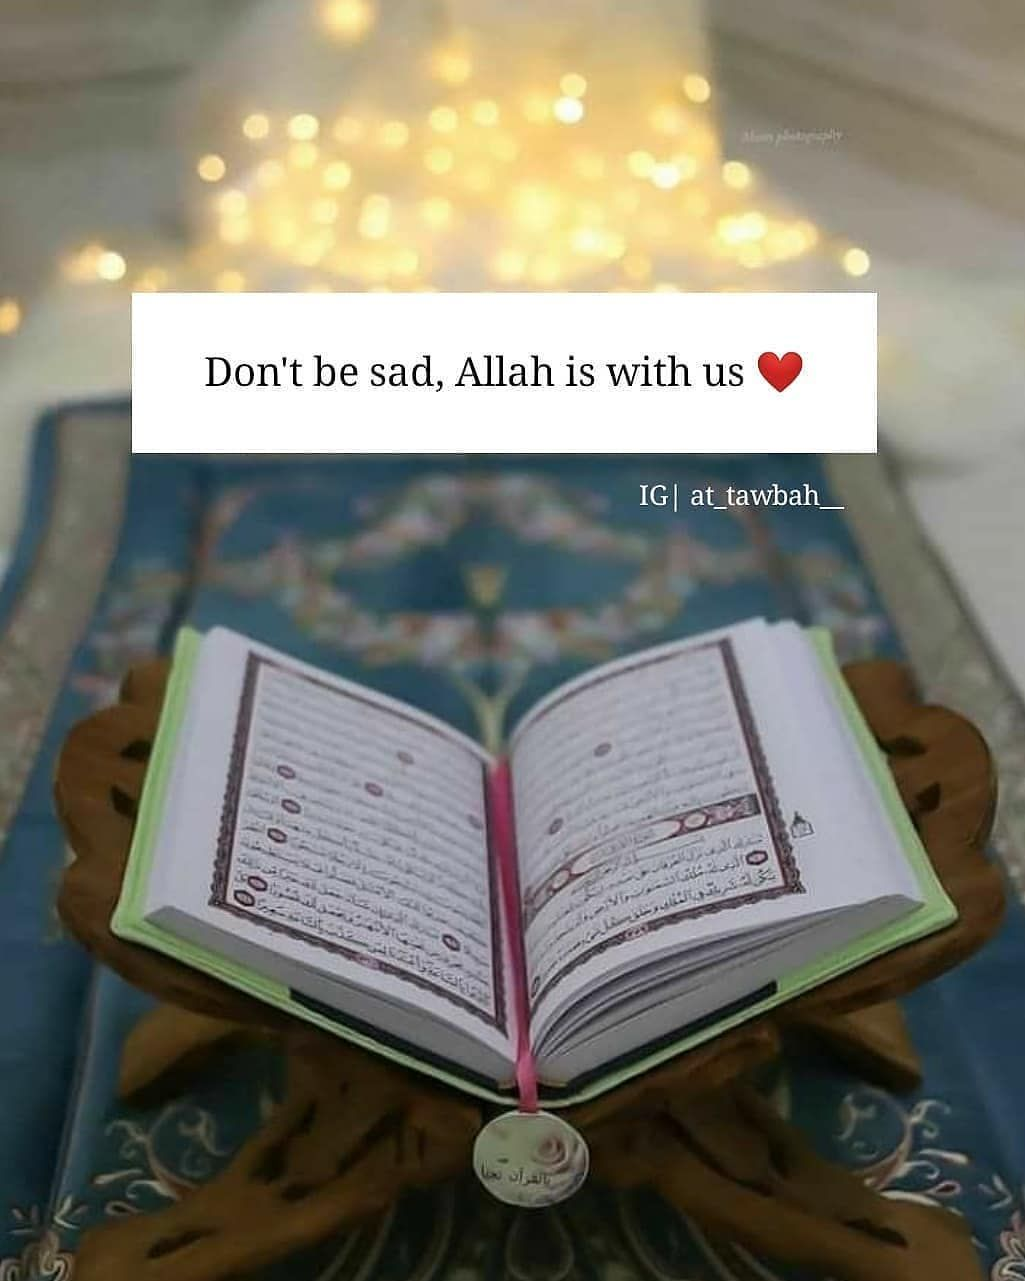 لا تحزن ان الله معنا Iman Ayat Quran Artis Kecil